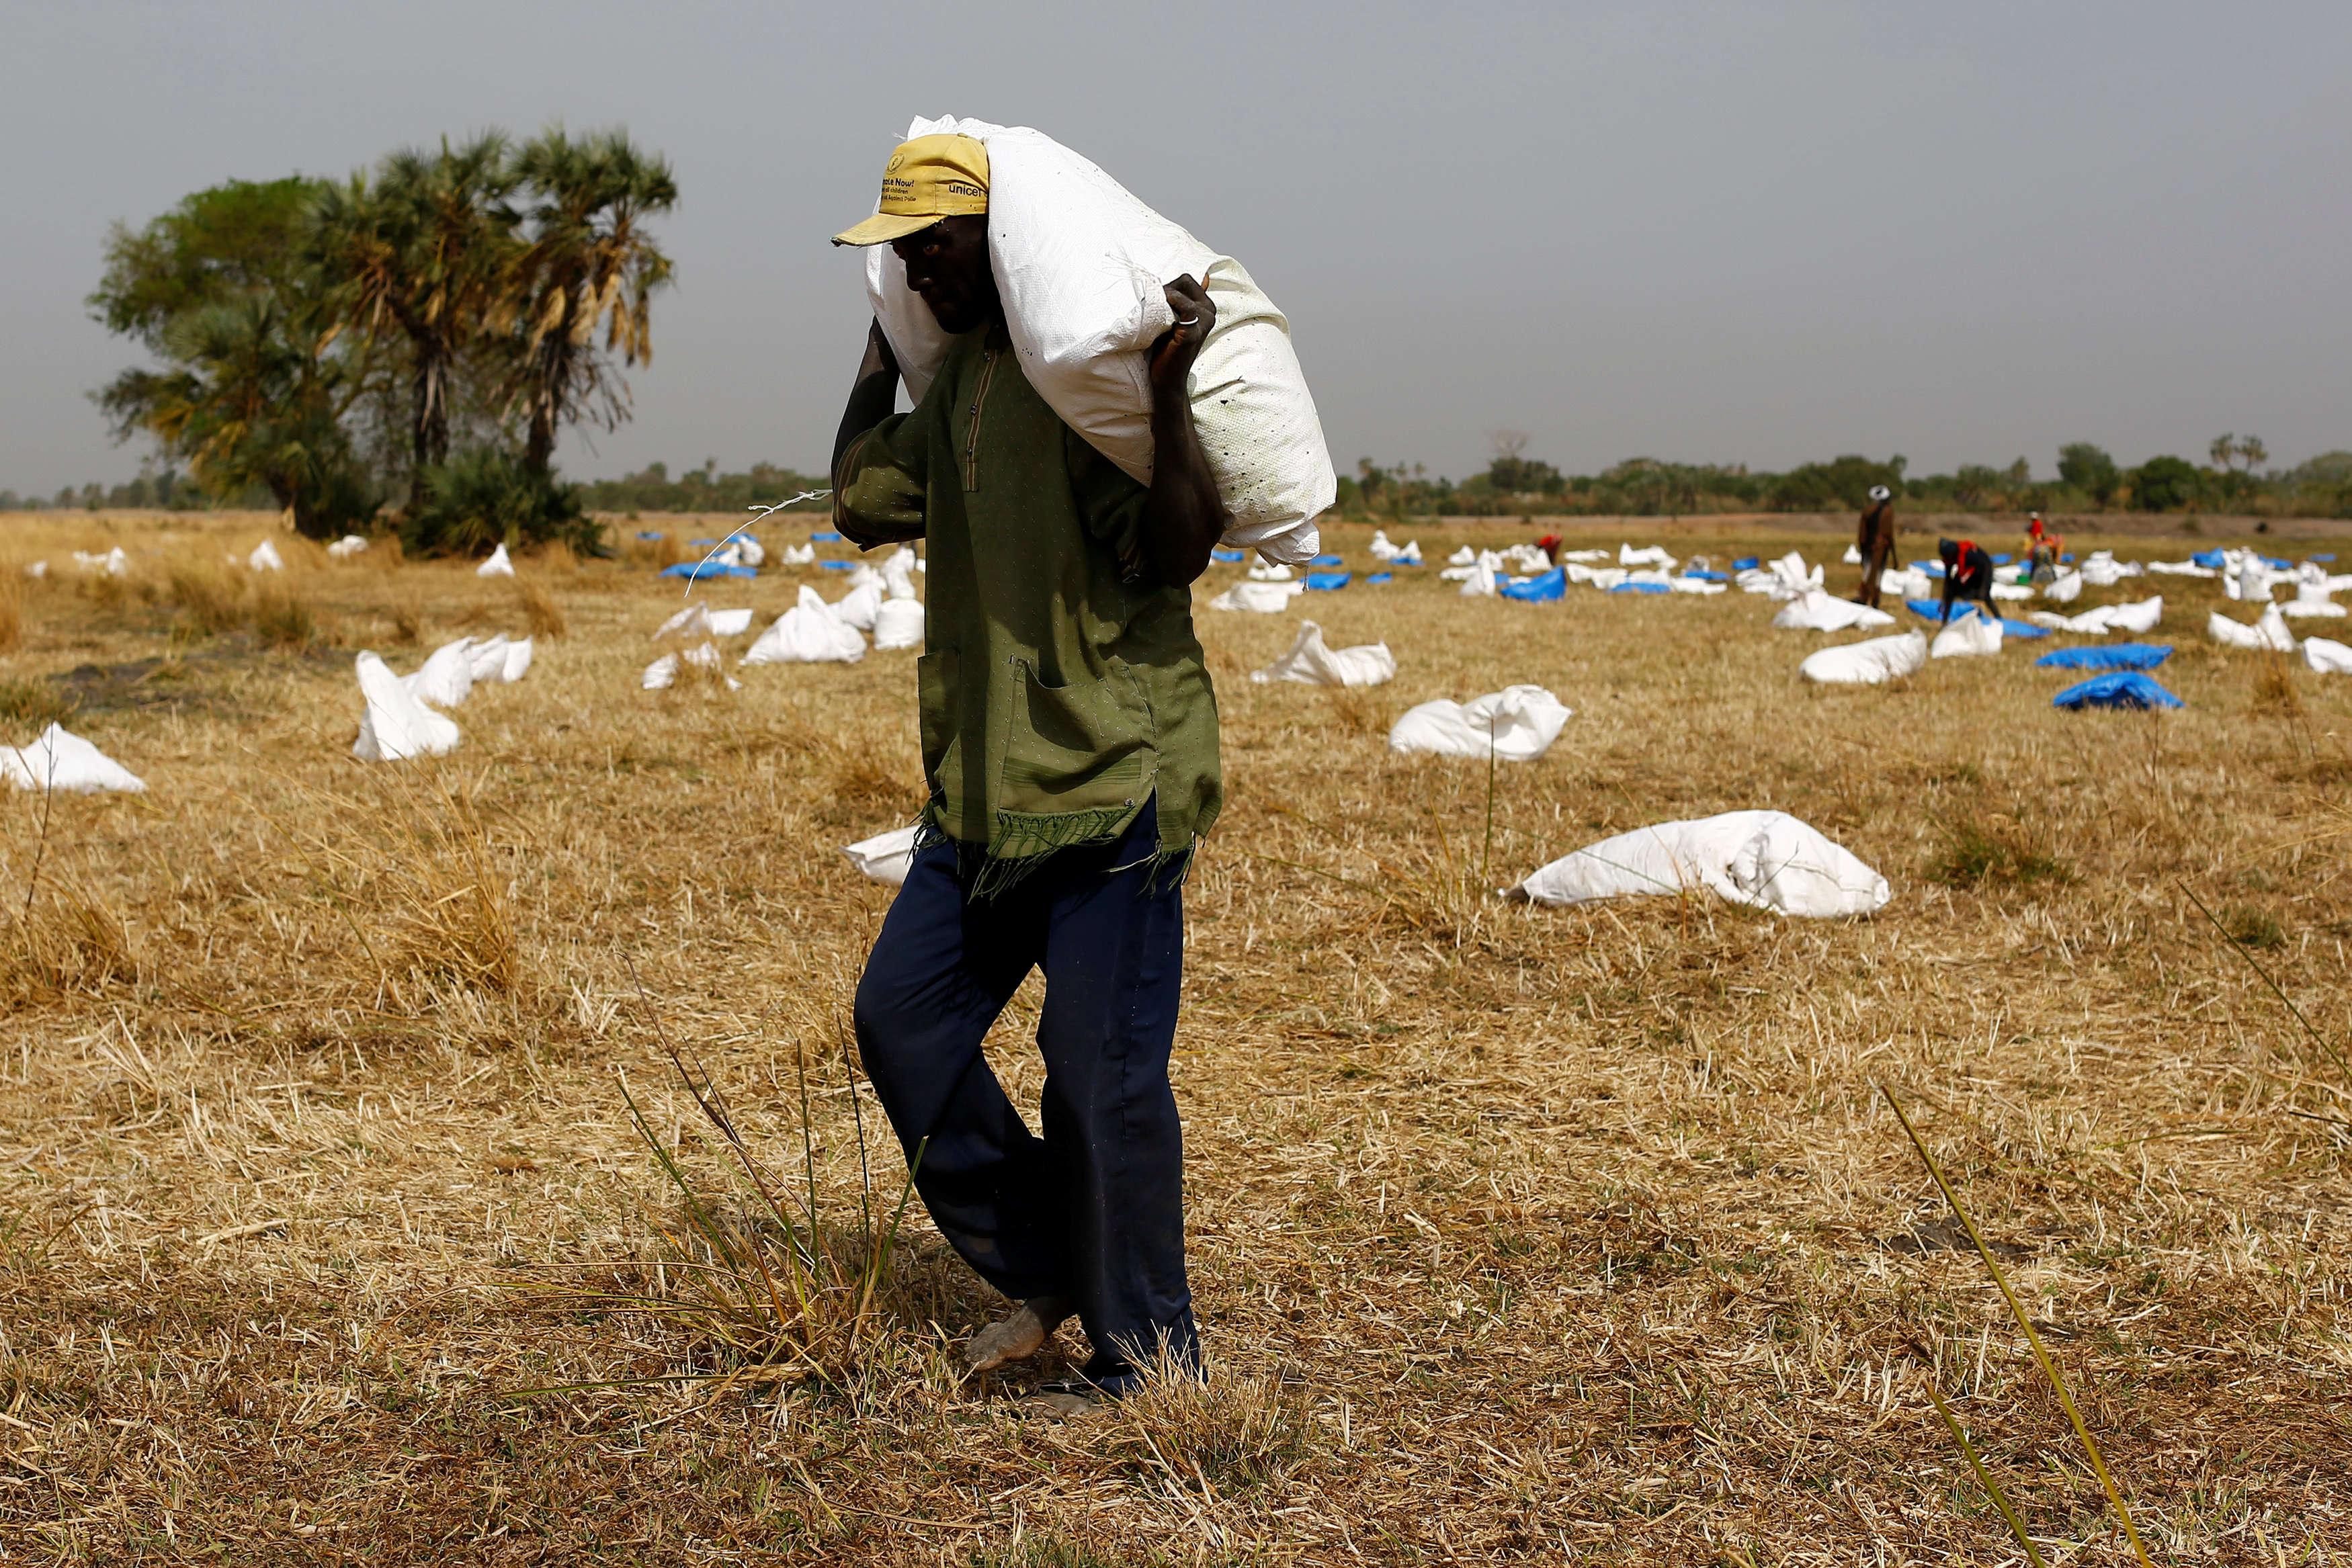 Près du village de Rubkai, au Soudan du Sud, le 18 février. Quatre jours plus tard, Antonio Guterres, le secrétaire général de l'ONU, a tenu une conférence de presse, pointant le risque de famine dans plusieurs pays du monde et soulignant en particulier la gravité des cas somaliens et sud-soudanais. « Nous sommes face à une tragédie ; nous devons éviter qu'elle devienne une catastrophe », a-t-il lancé, rappelant que tout est encore « évitable si la communauté internationale prend des actions décisives ».